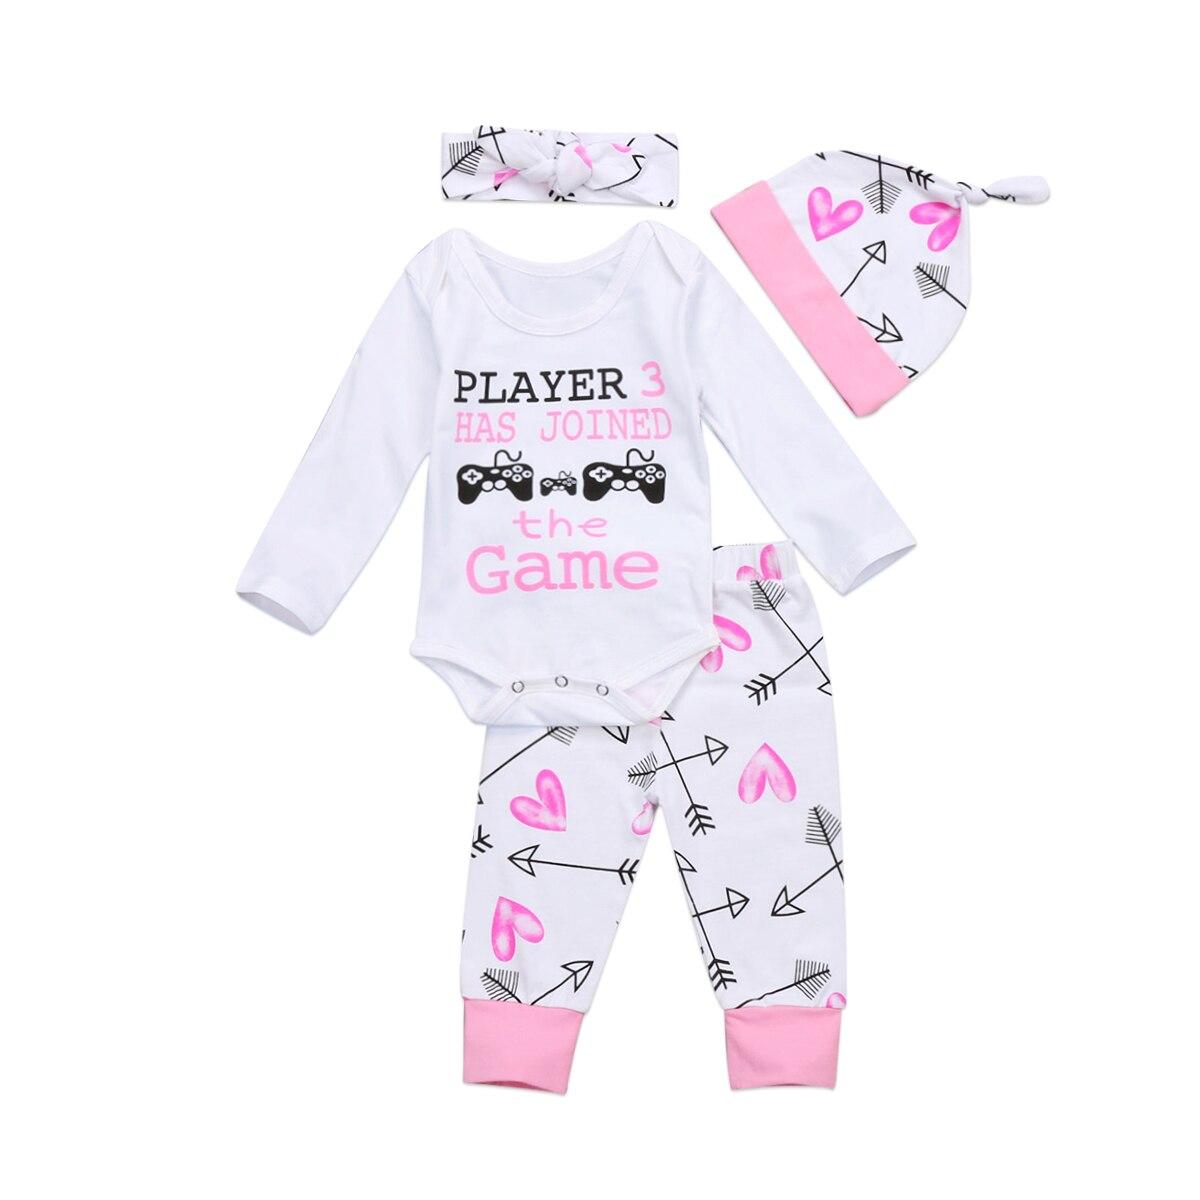 4PCS Newborn Infant Baby Girls Clothes Playsuit Romper Pants Bodysuit Outfit Set